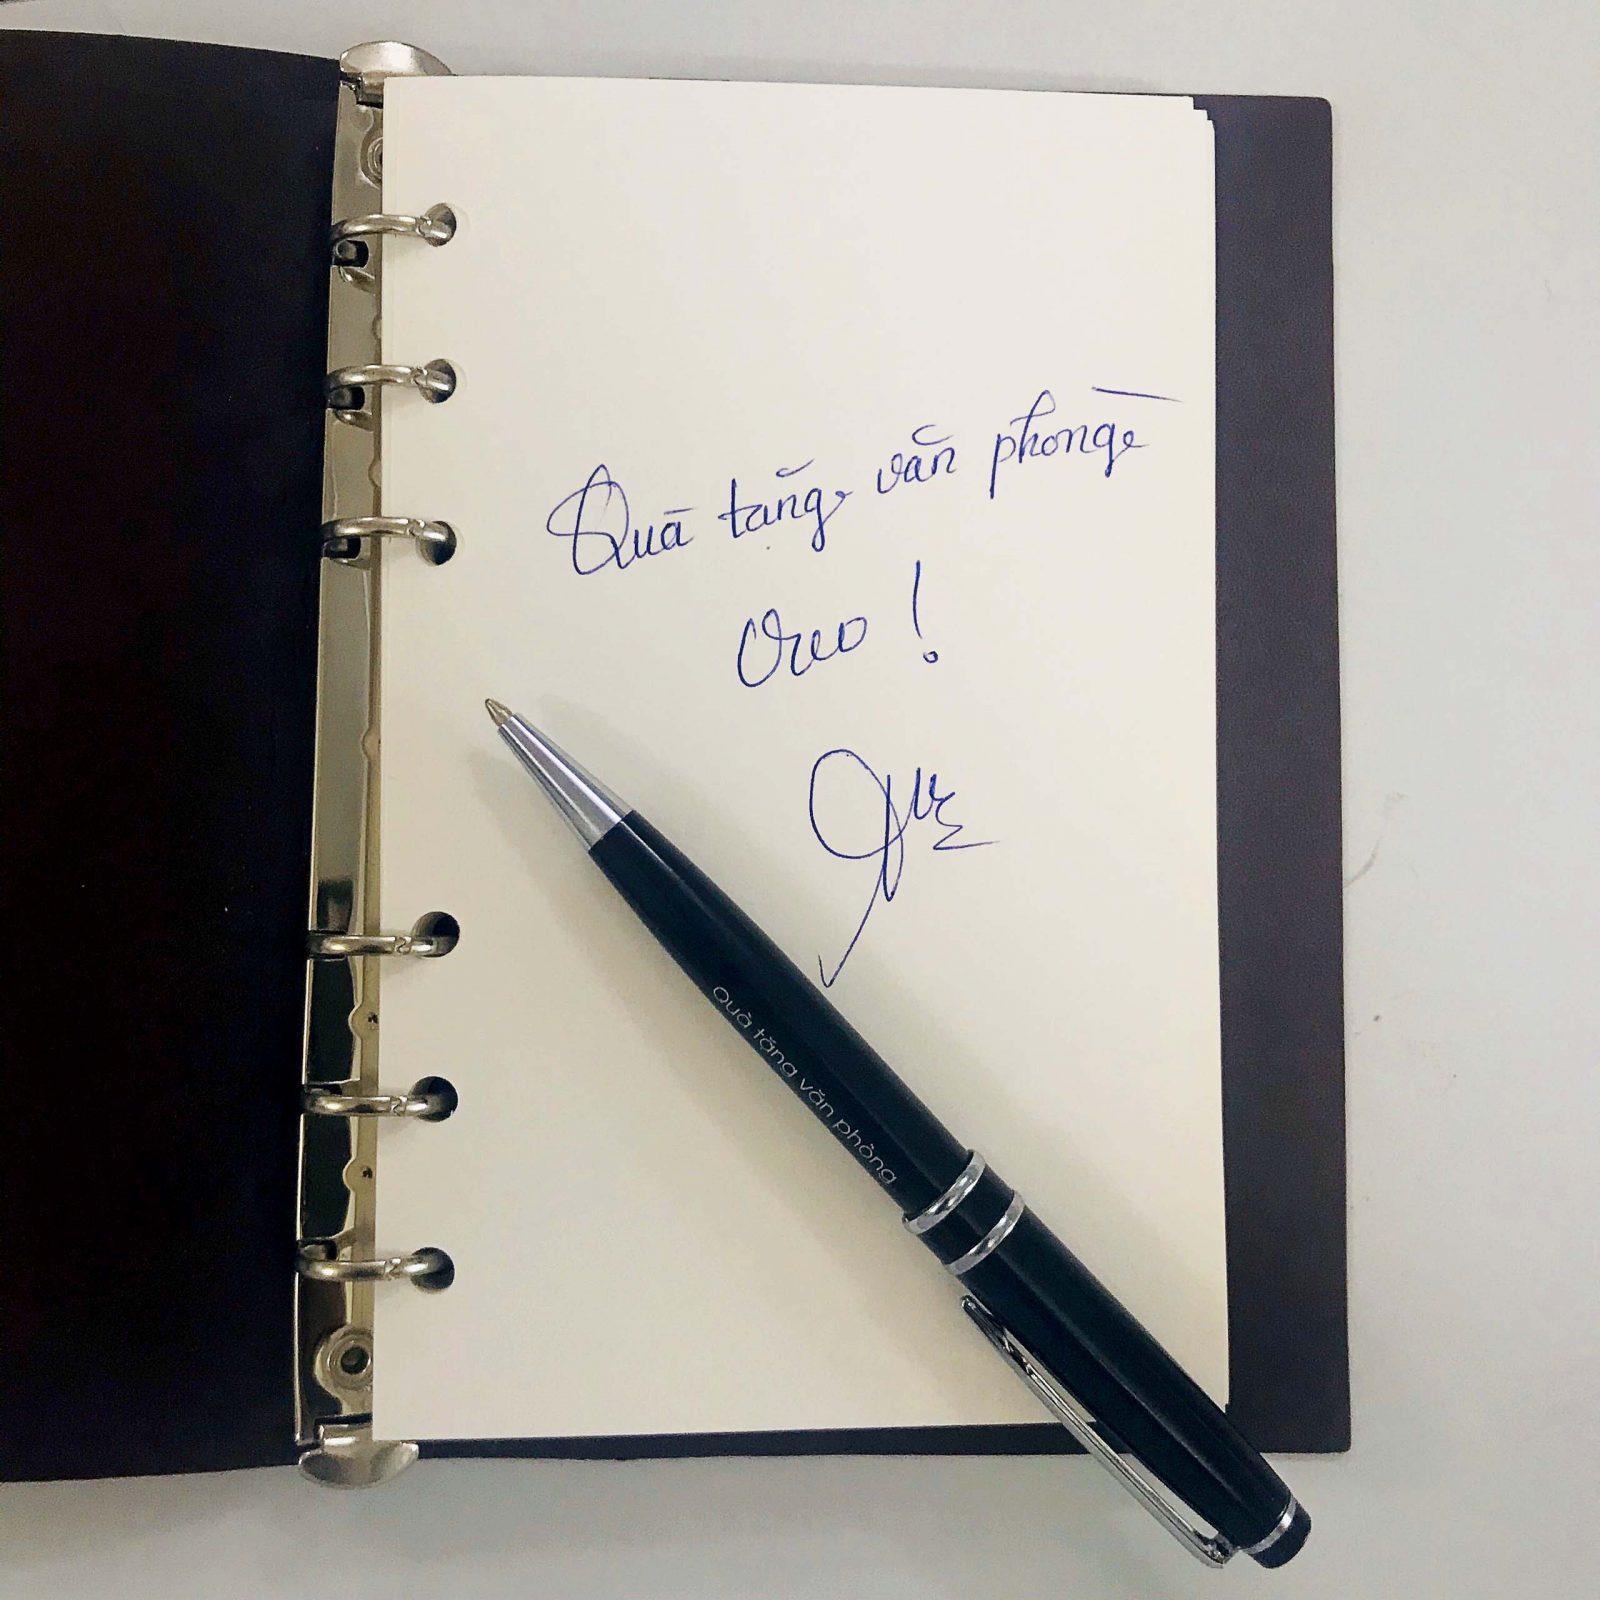 Bút kim loại BK010 viết trơn, êm, mực ra đều và liên tục.